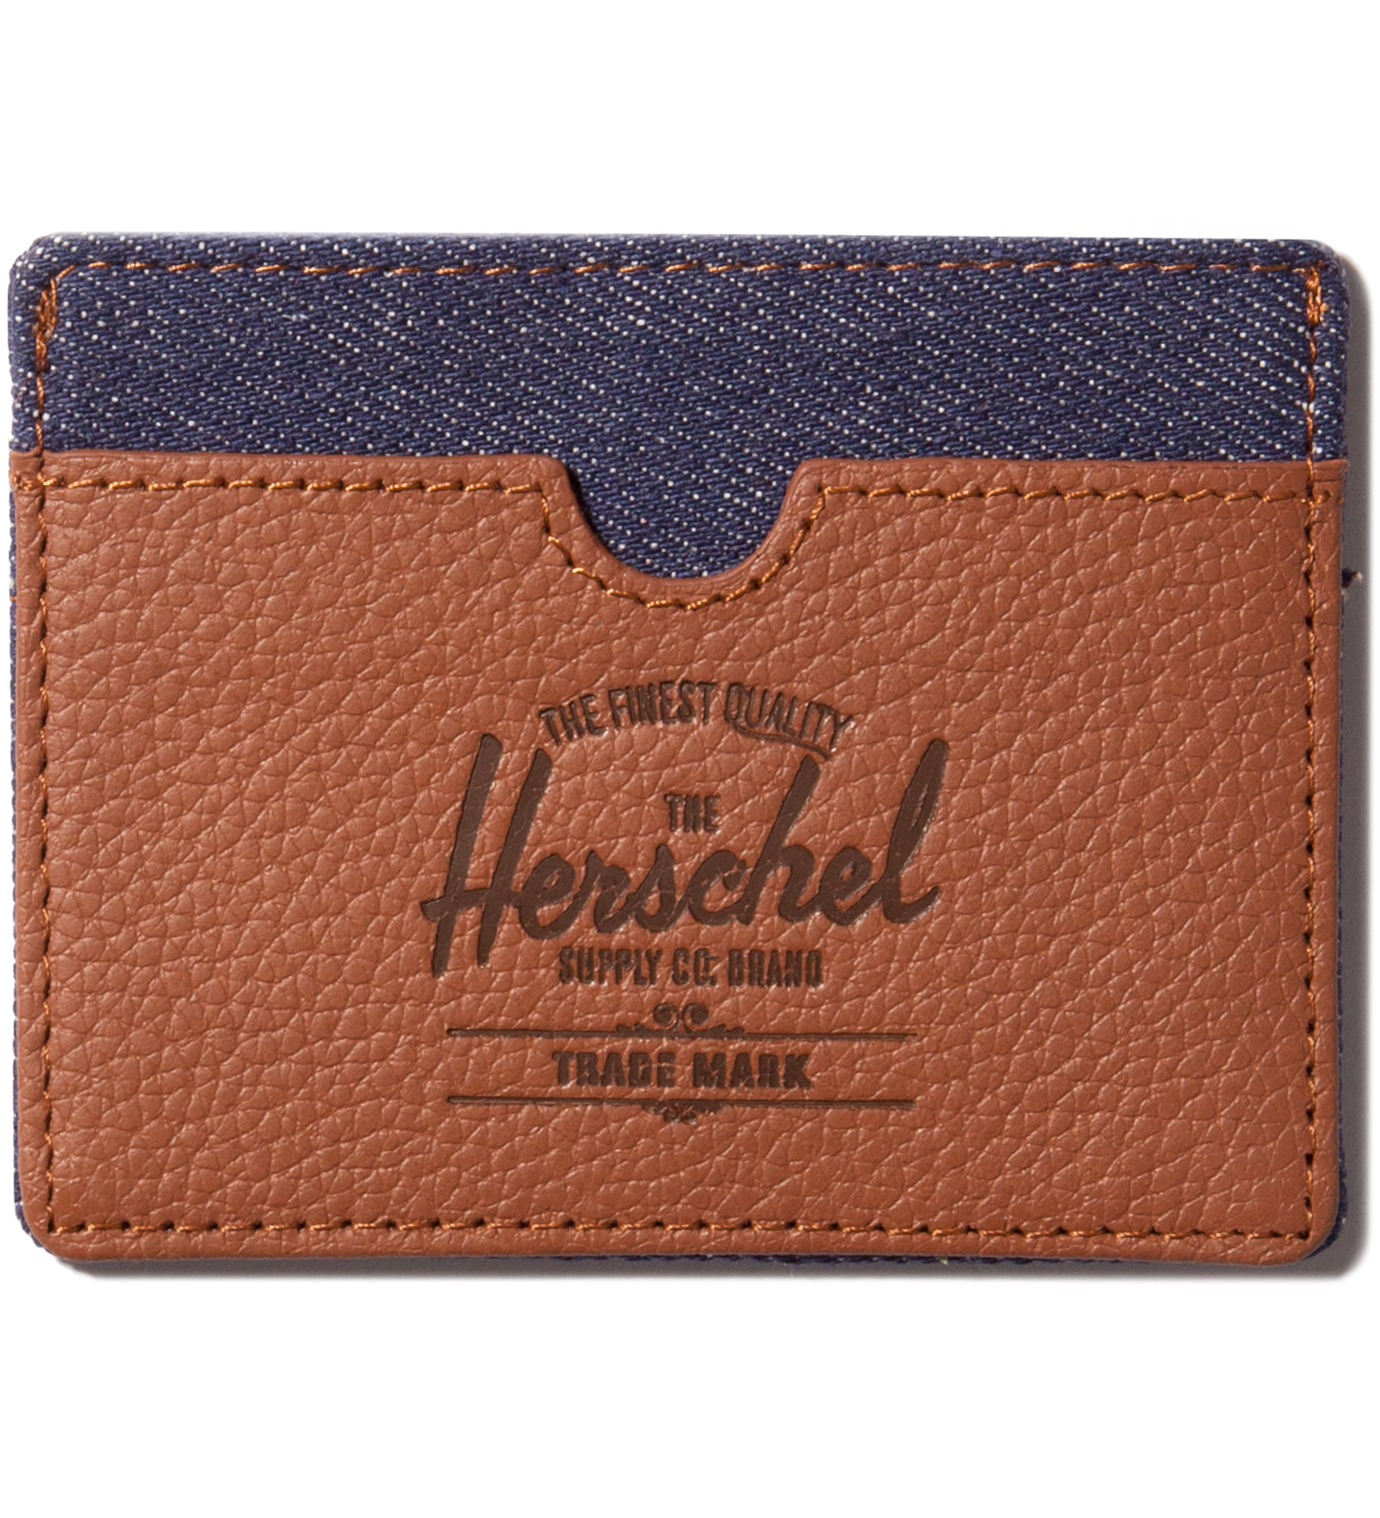 Herschel Supply Co. Dark Denim Charlie Card Holder